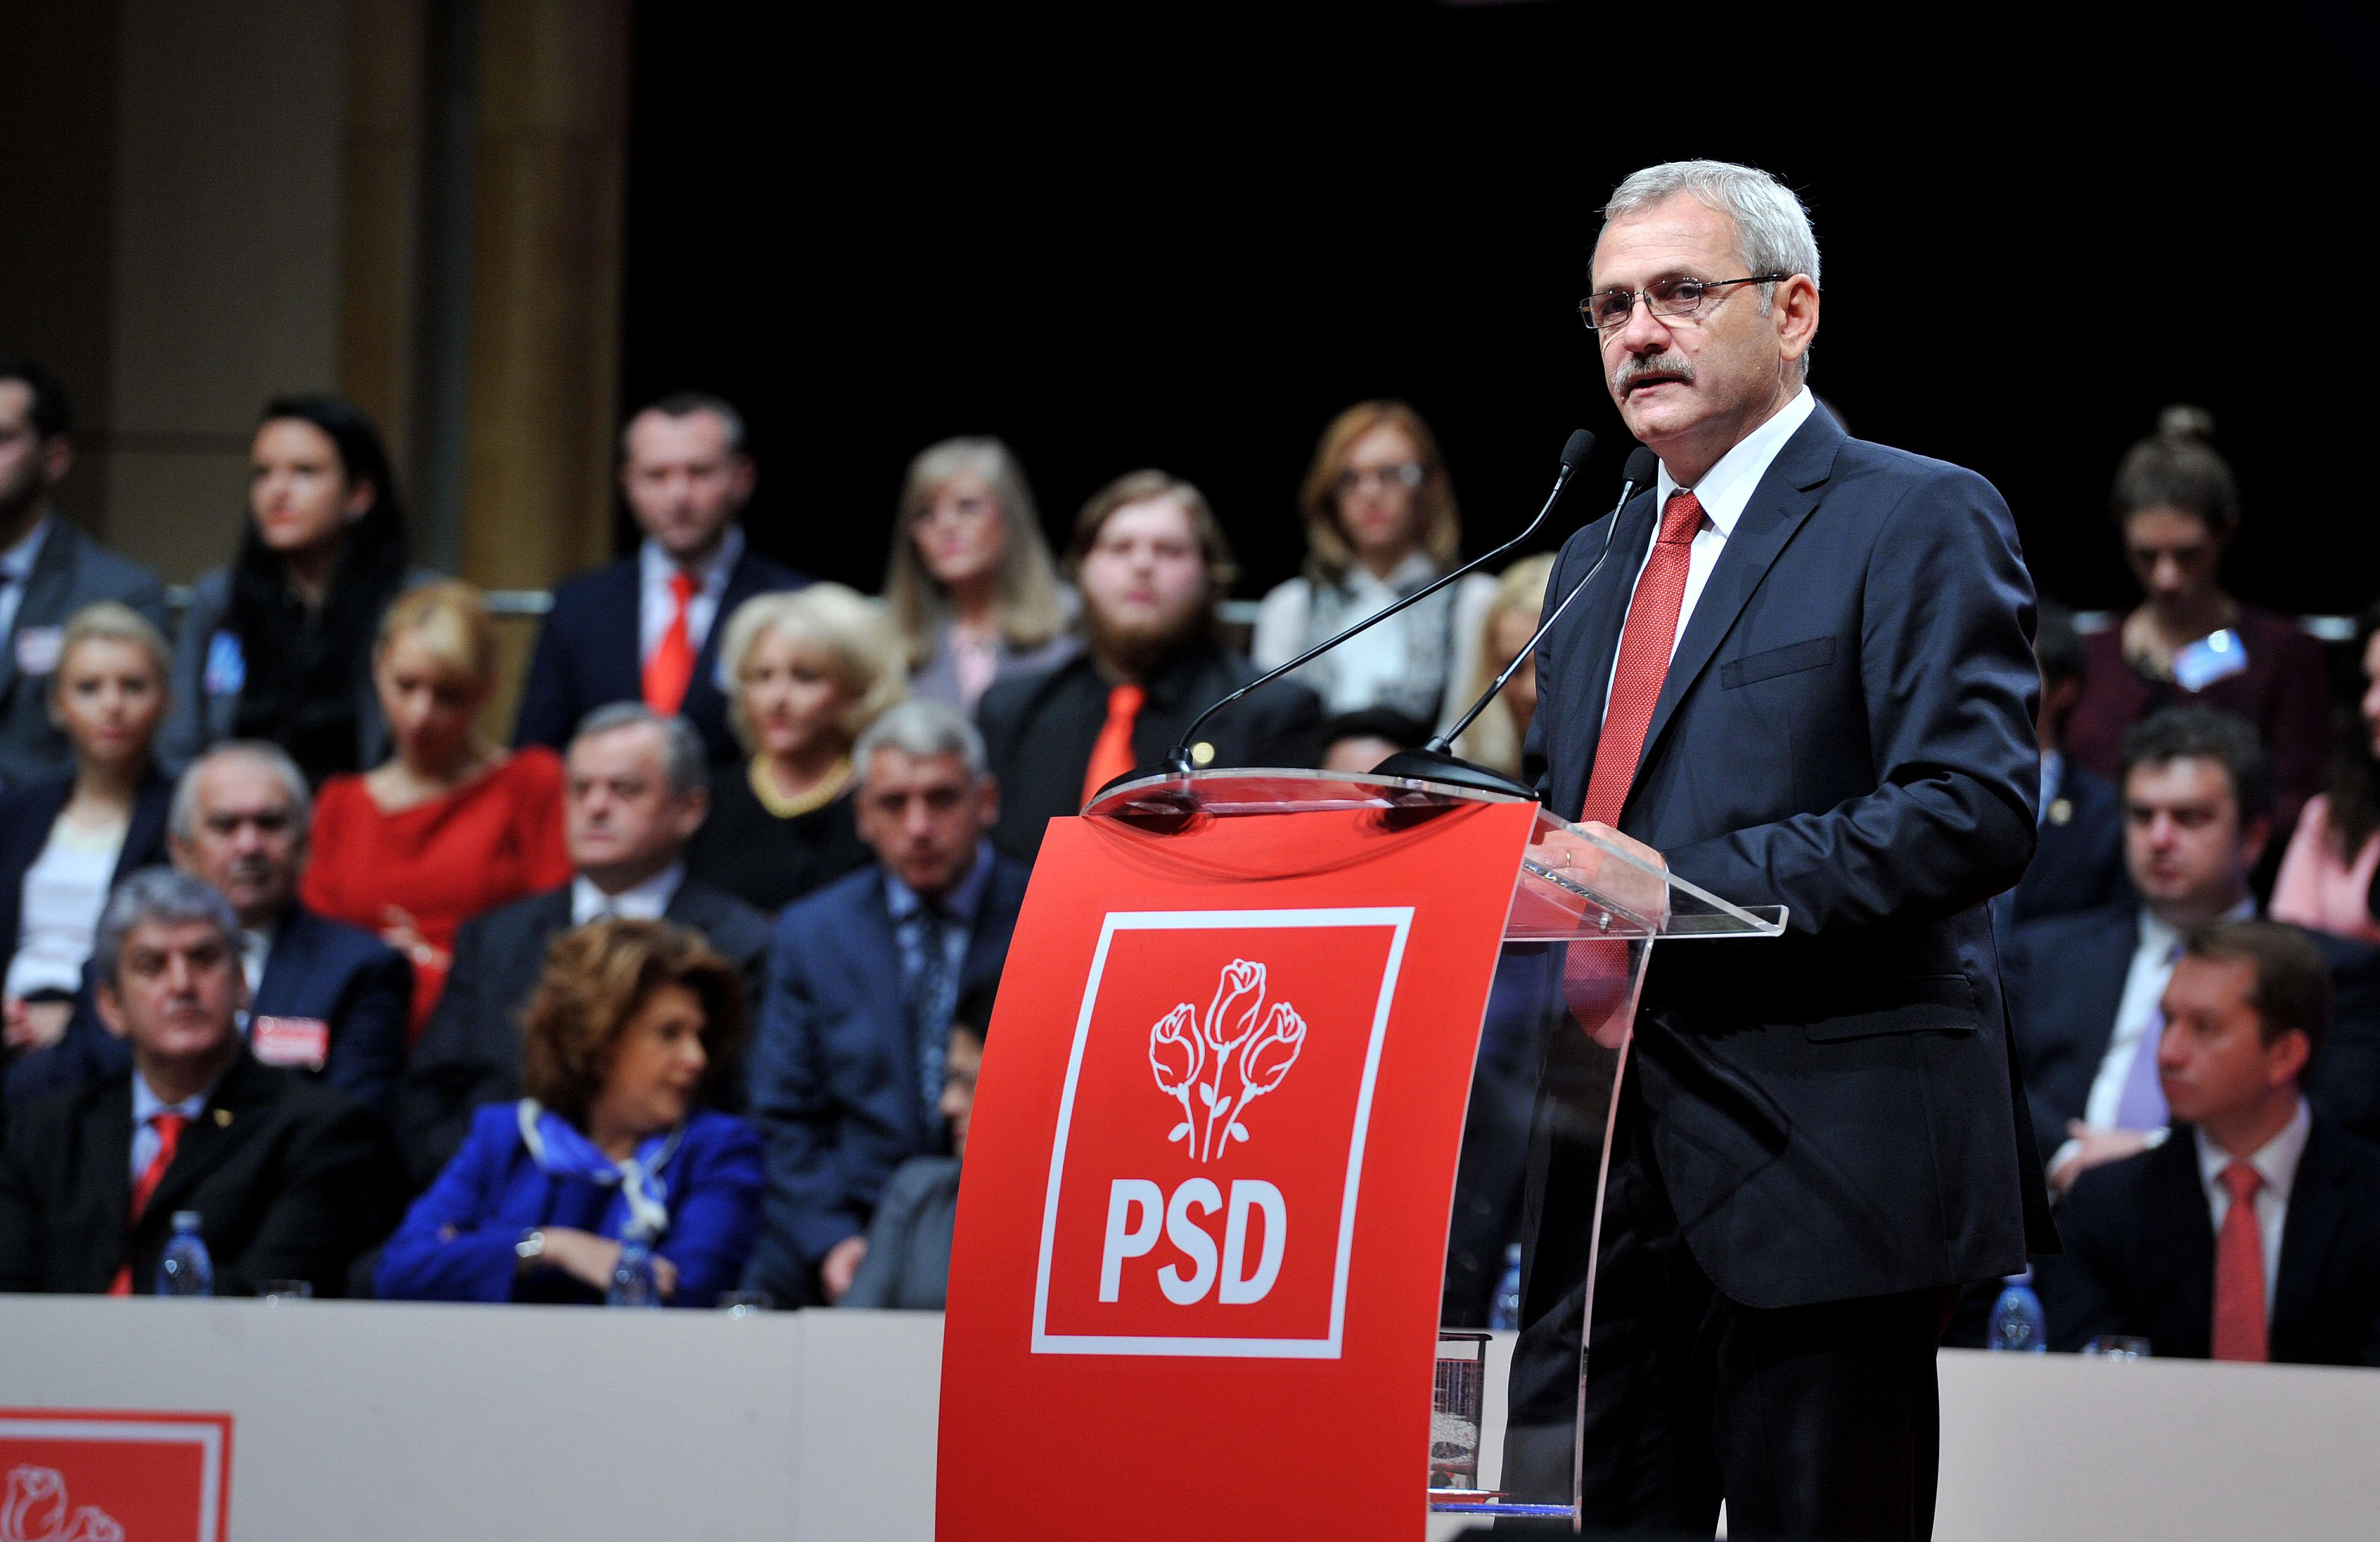 Liviu Dragnea, liderul PSD, coordonează ofensiva anti-justiție a actualei guvernări